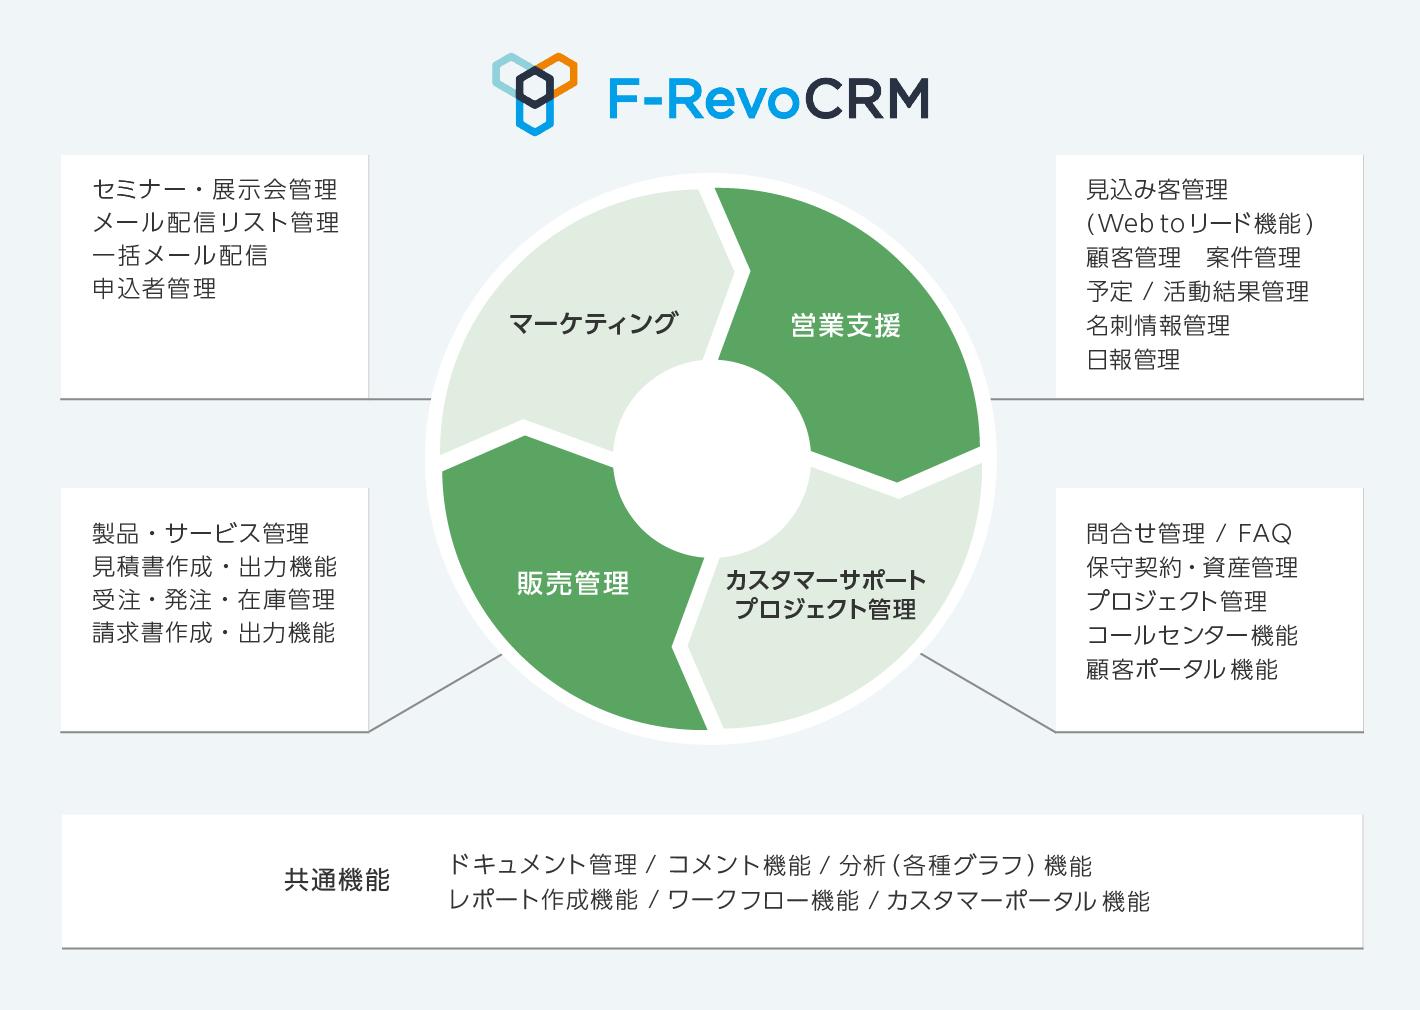 マーケットプレイスの「F-RevoCRM」のバージョンアップを行いました